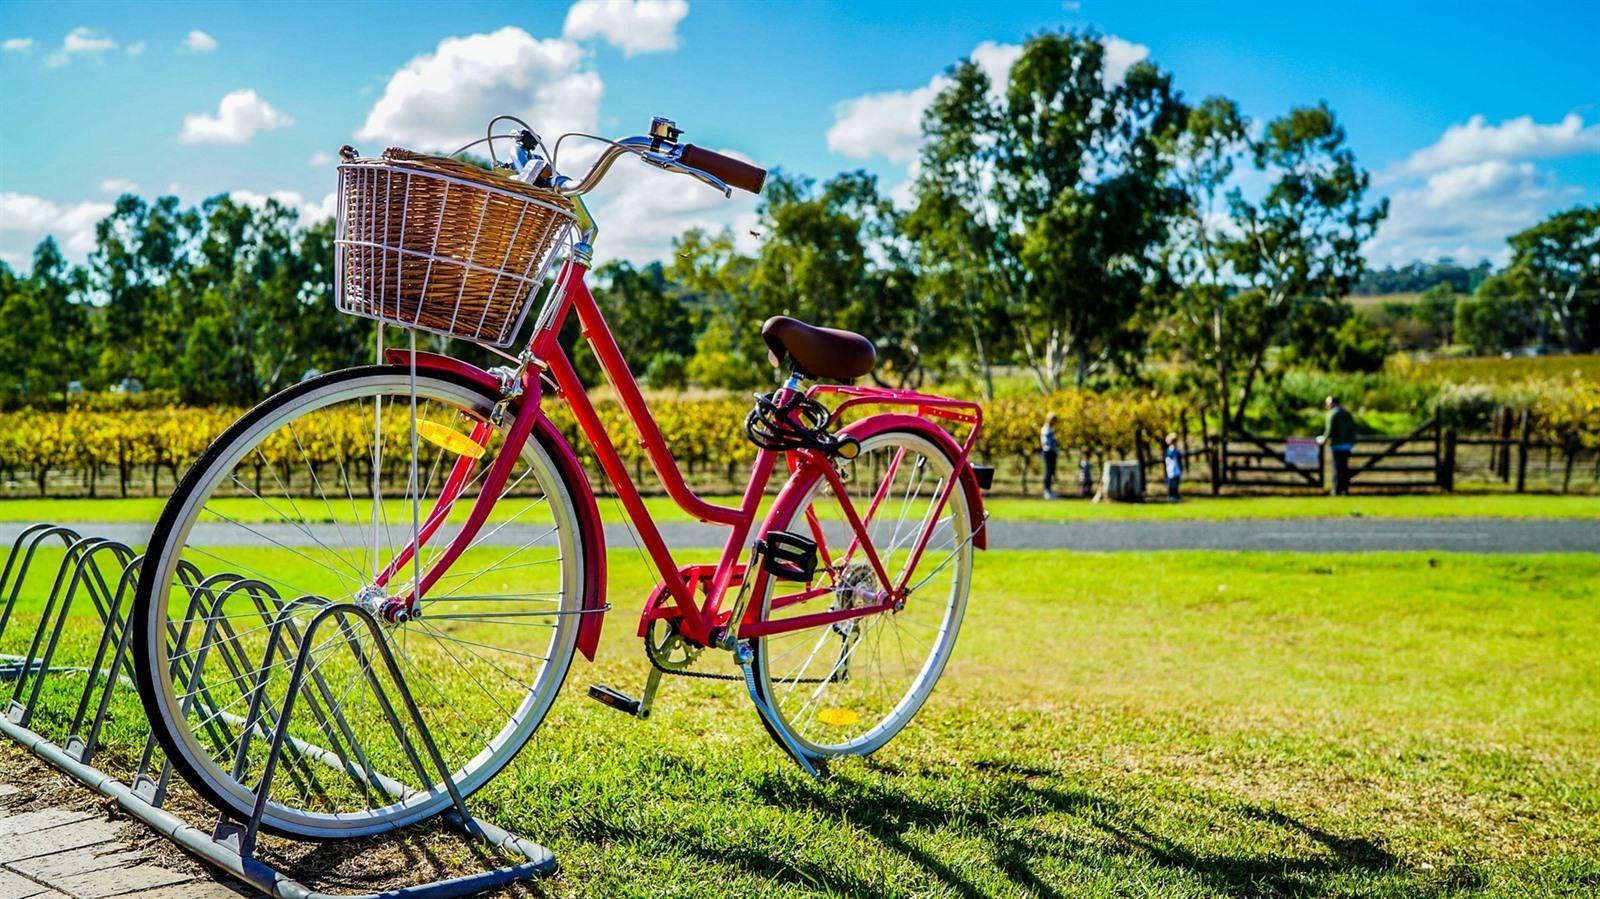 wat is gezonder lopen of fietsen